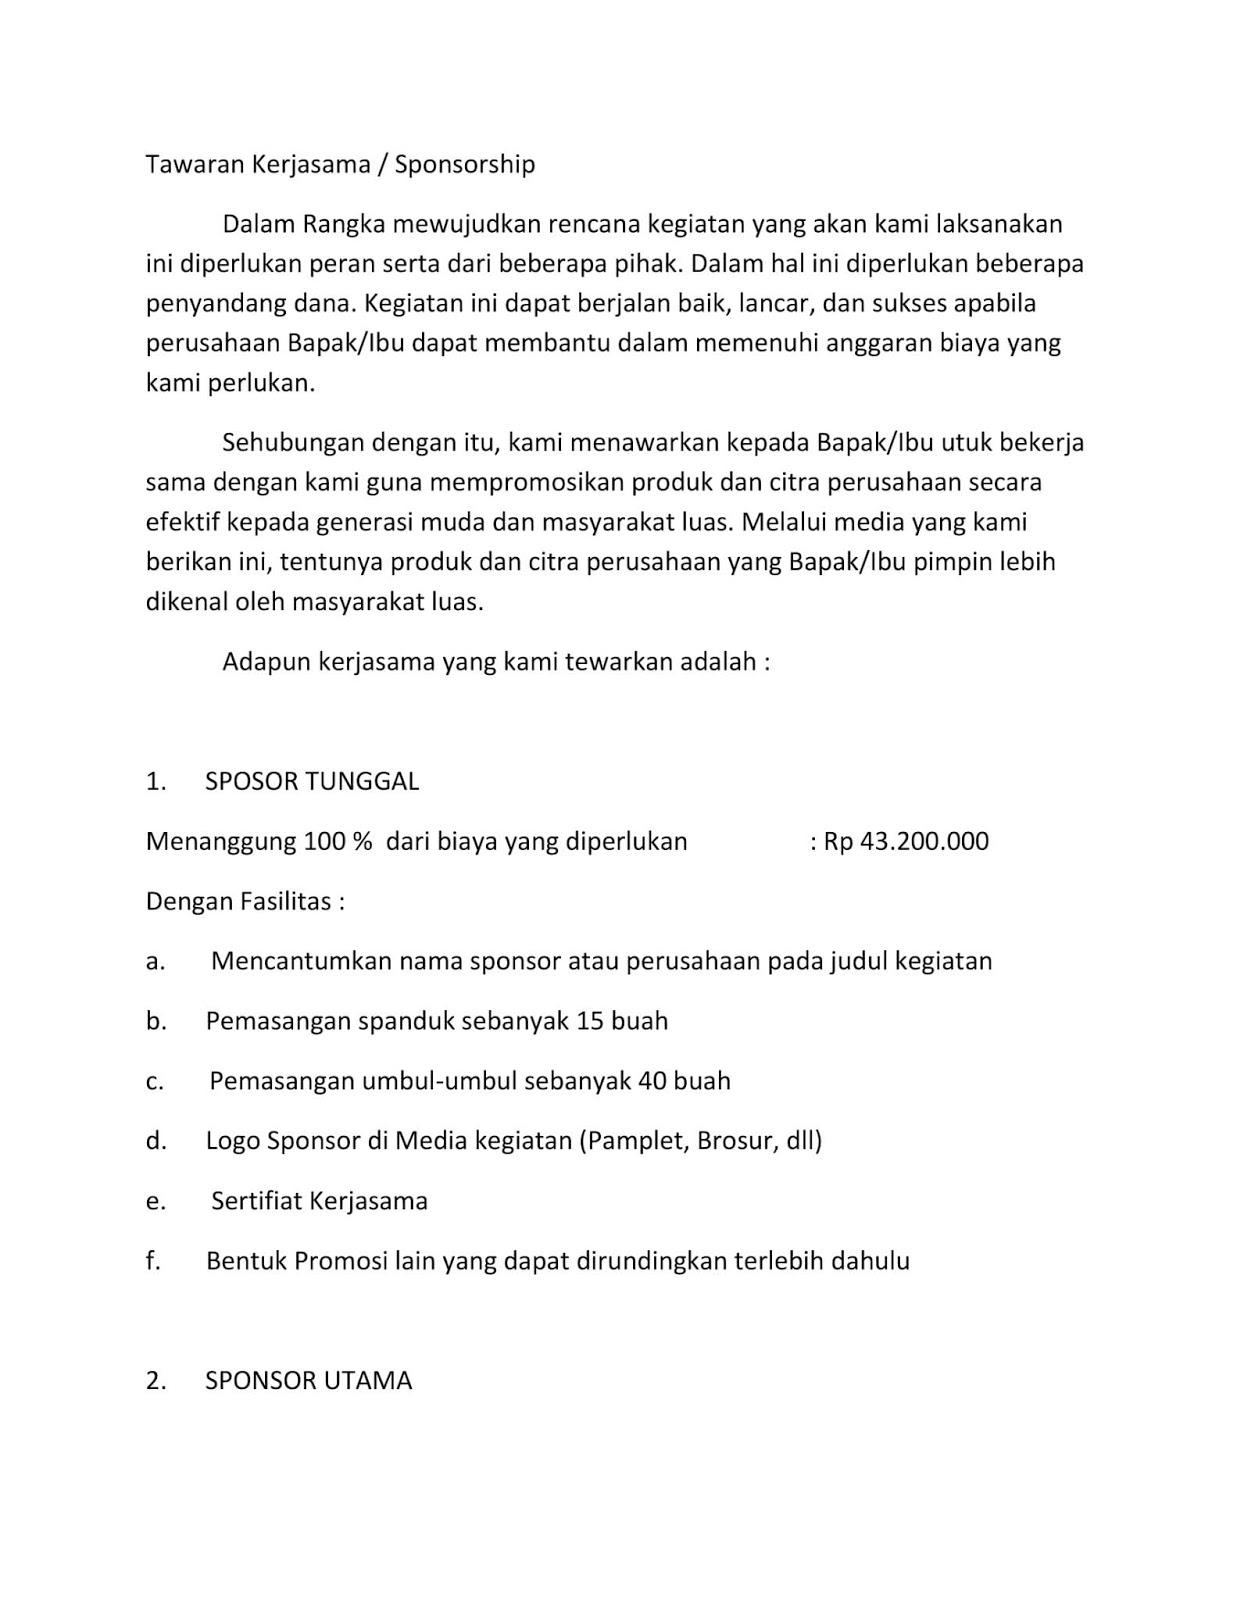 Contoh Proposal Jalan Sehat 17 Agustus Pdf - Berbagi ...